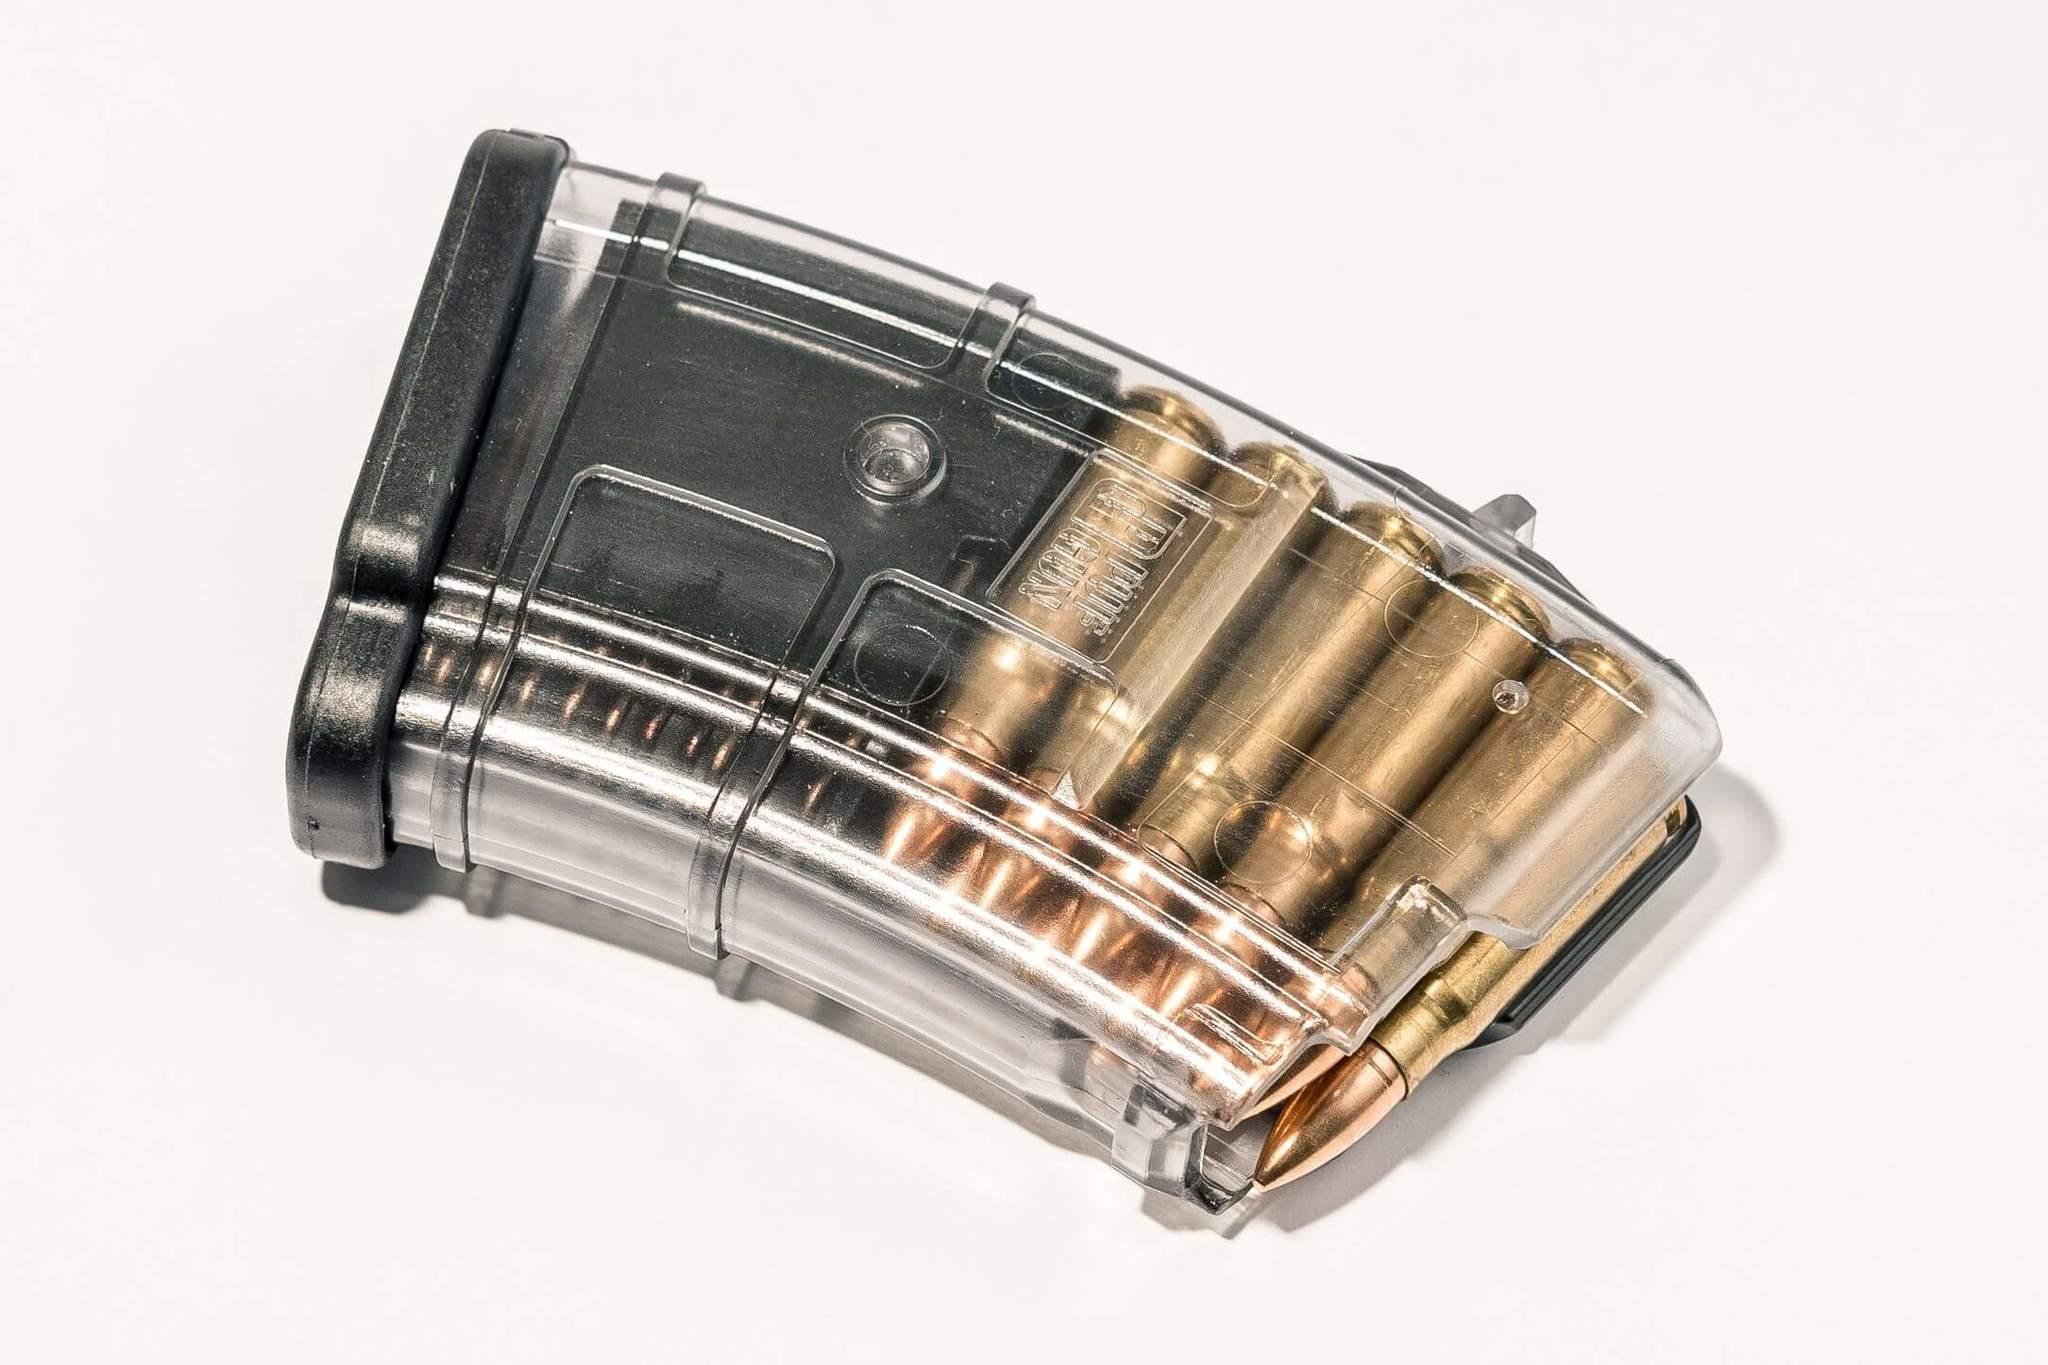 Магазин Pufgun для АКМ 7.62x39 ВПО-136 на 10 патронов, прозрачный